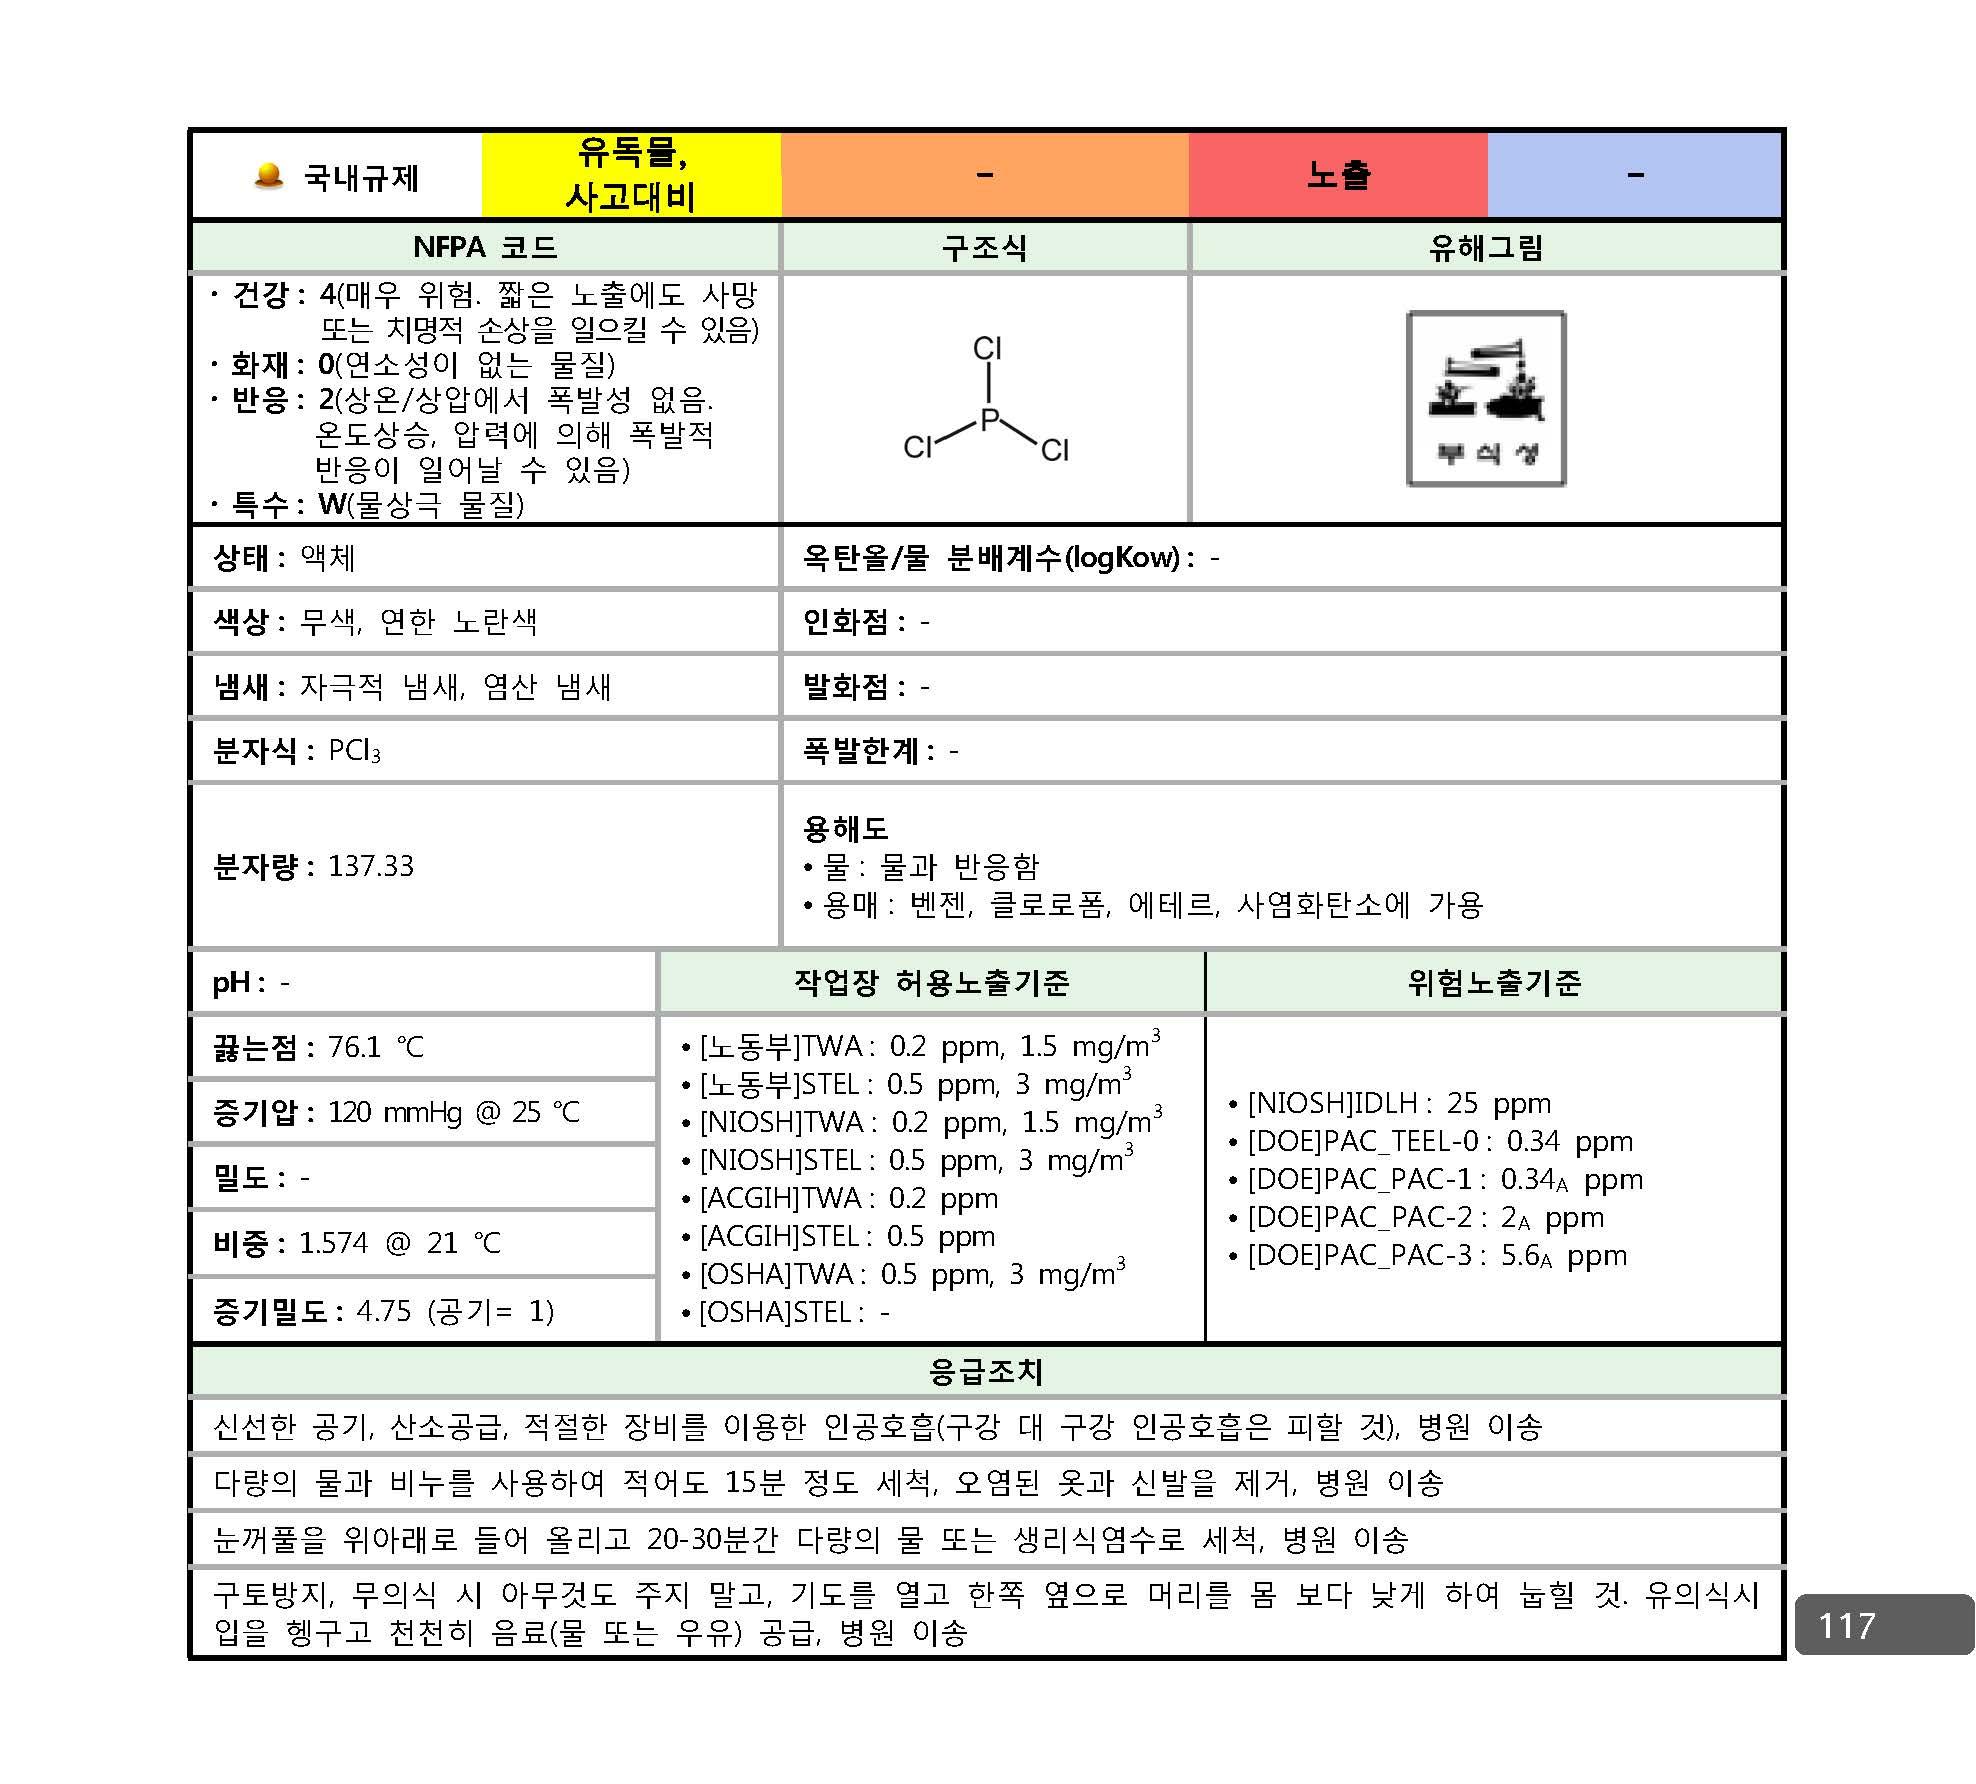 사고대비물질_대응매뉴얼_페이지_110.jpg